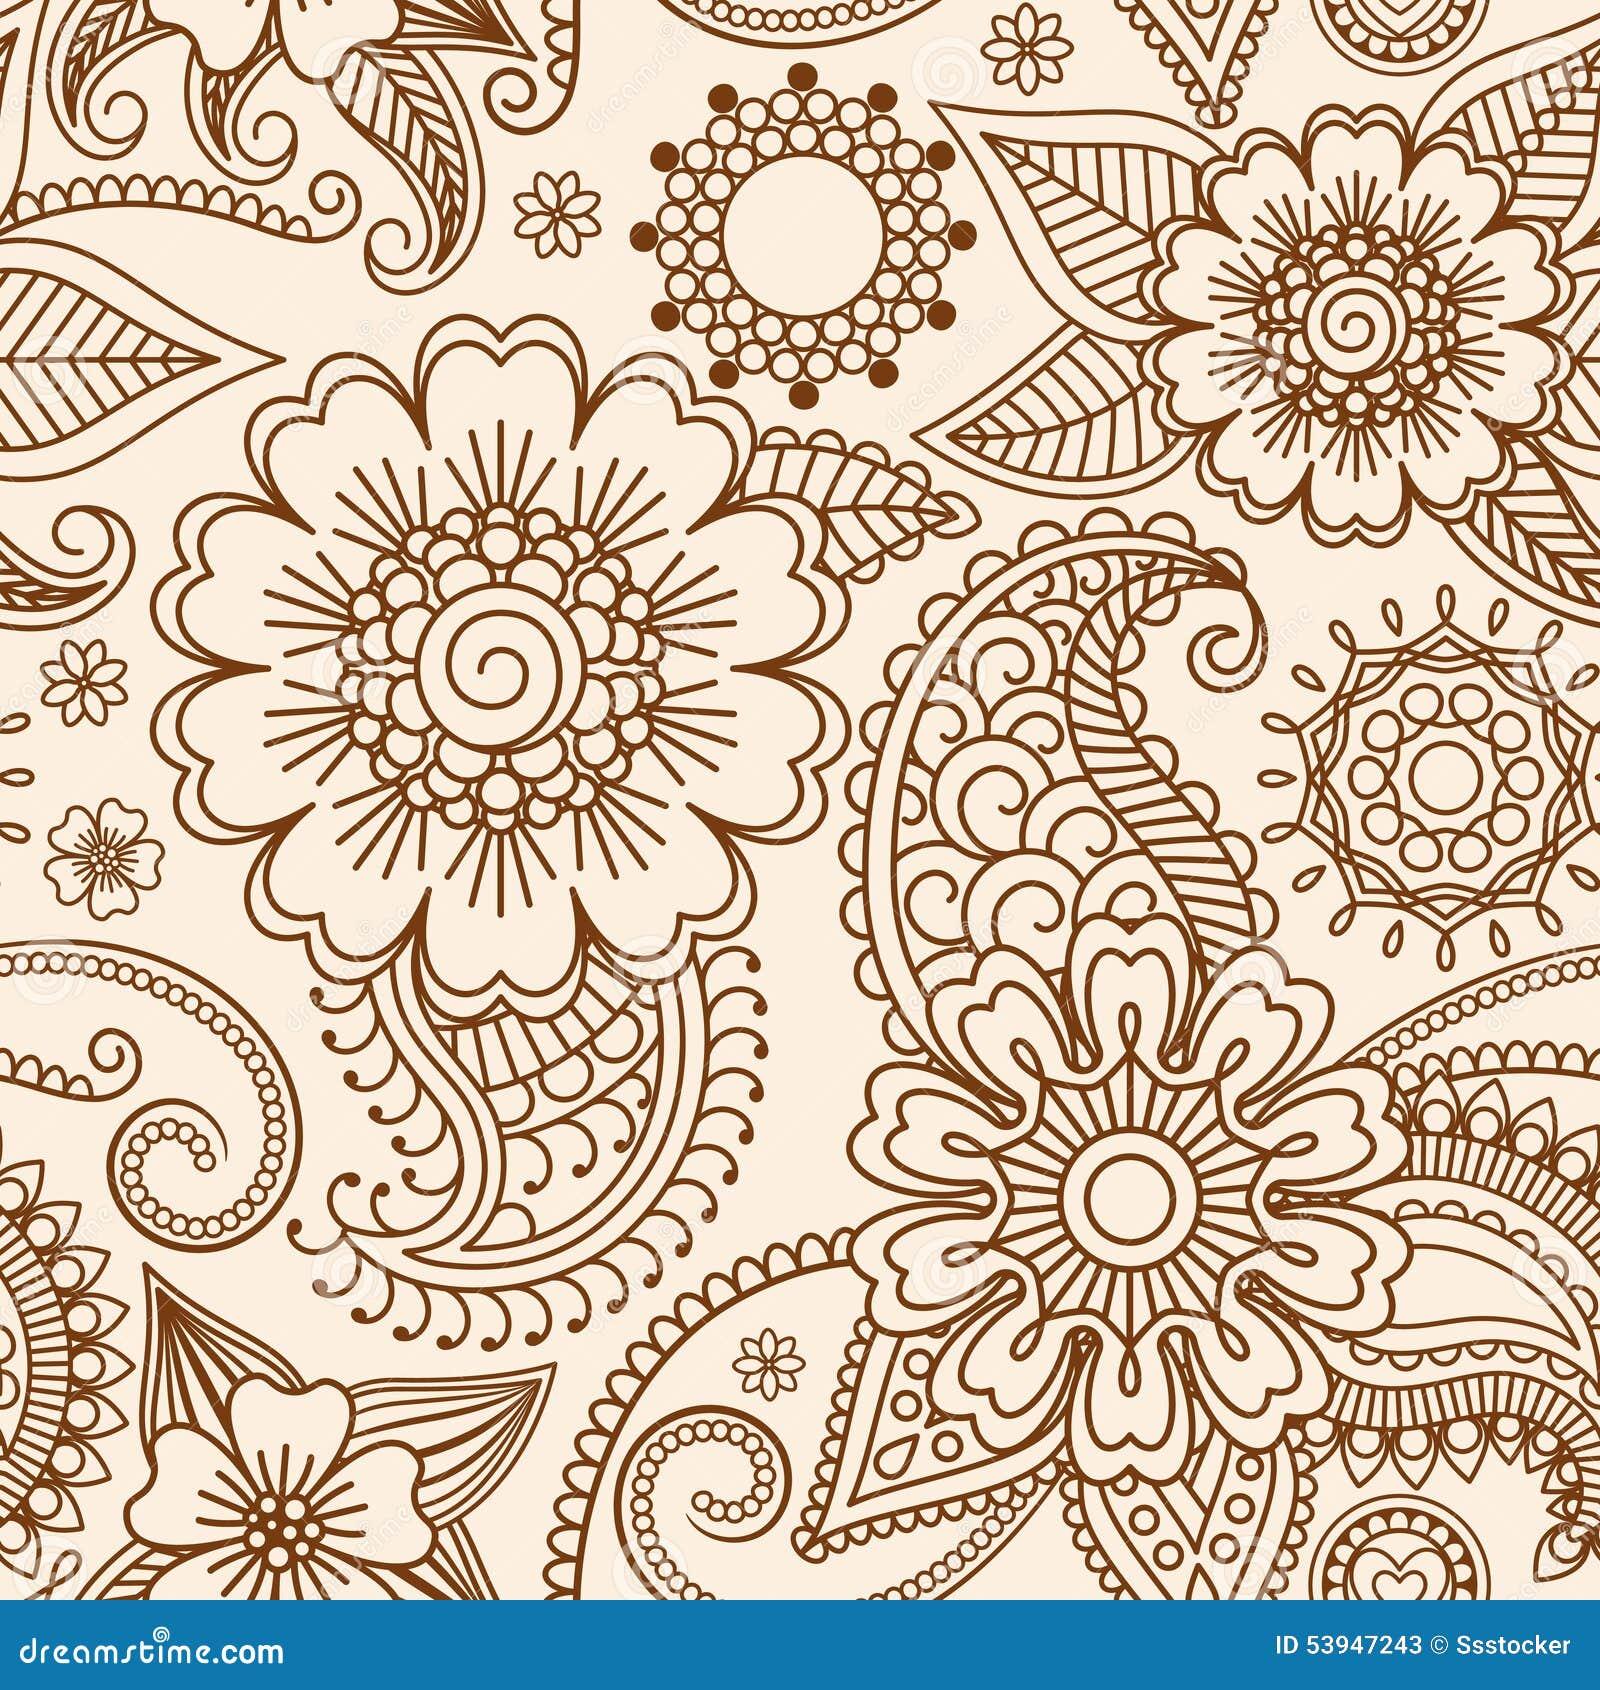 Henna Mehndi Vector Free : Henna mehndi seamless pattern stock vector image